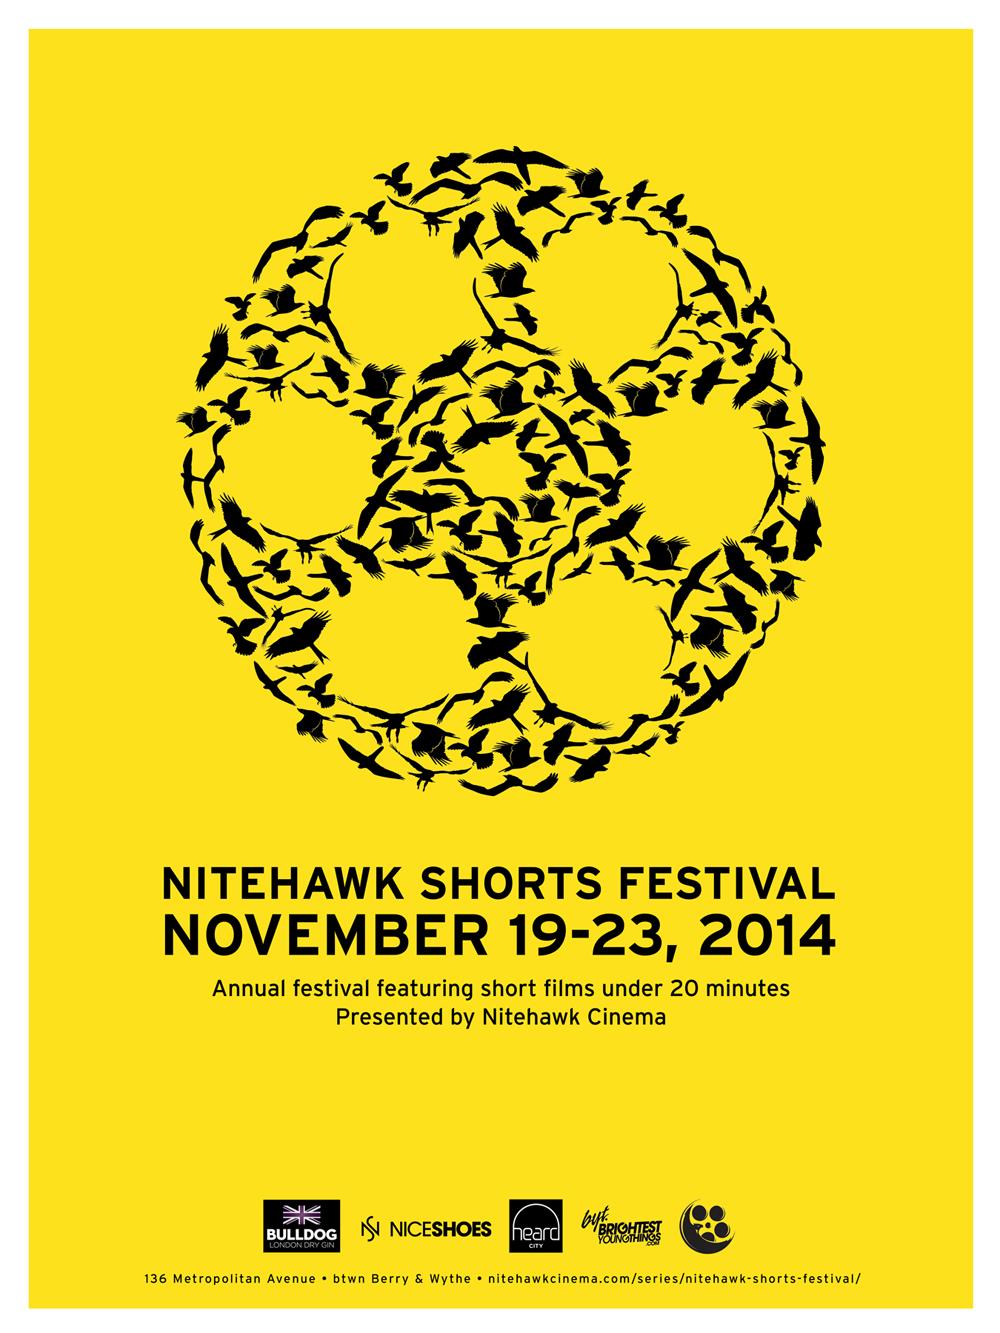 Poster for Nitehawk Shorts Festival 2014: Opening Nite